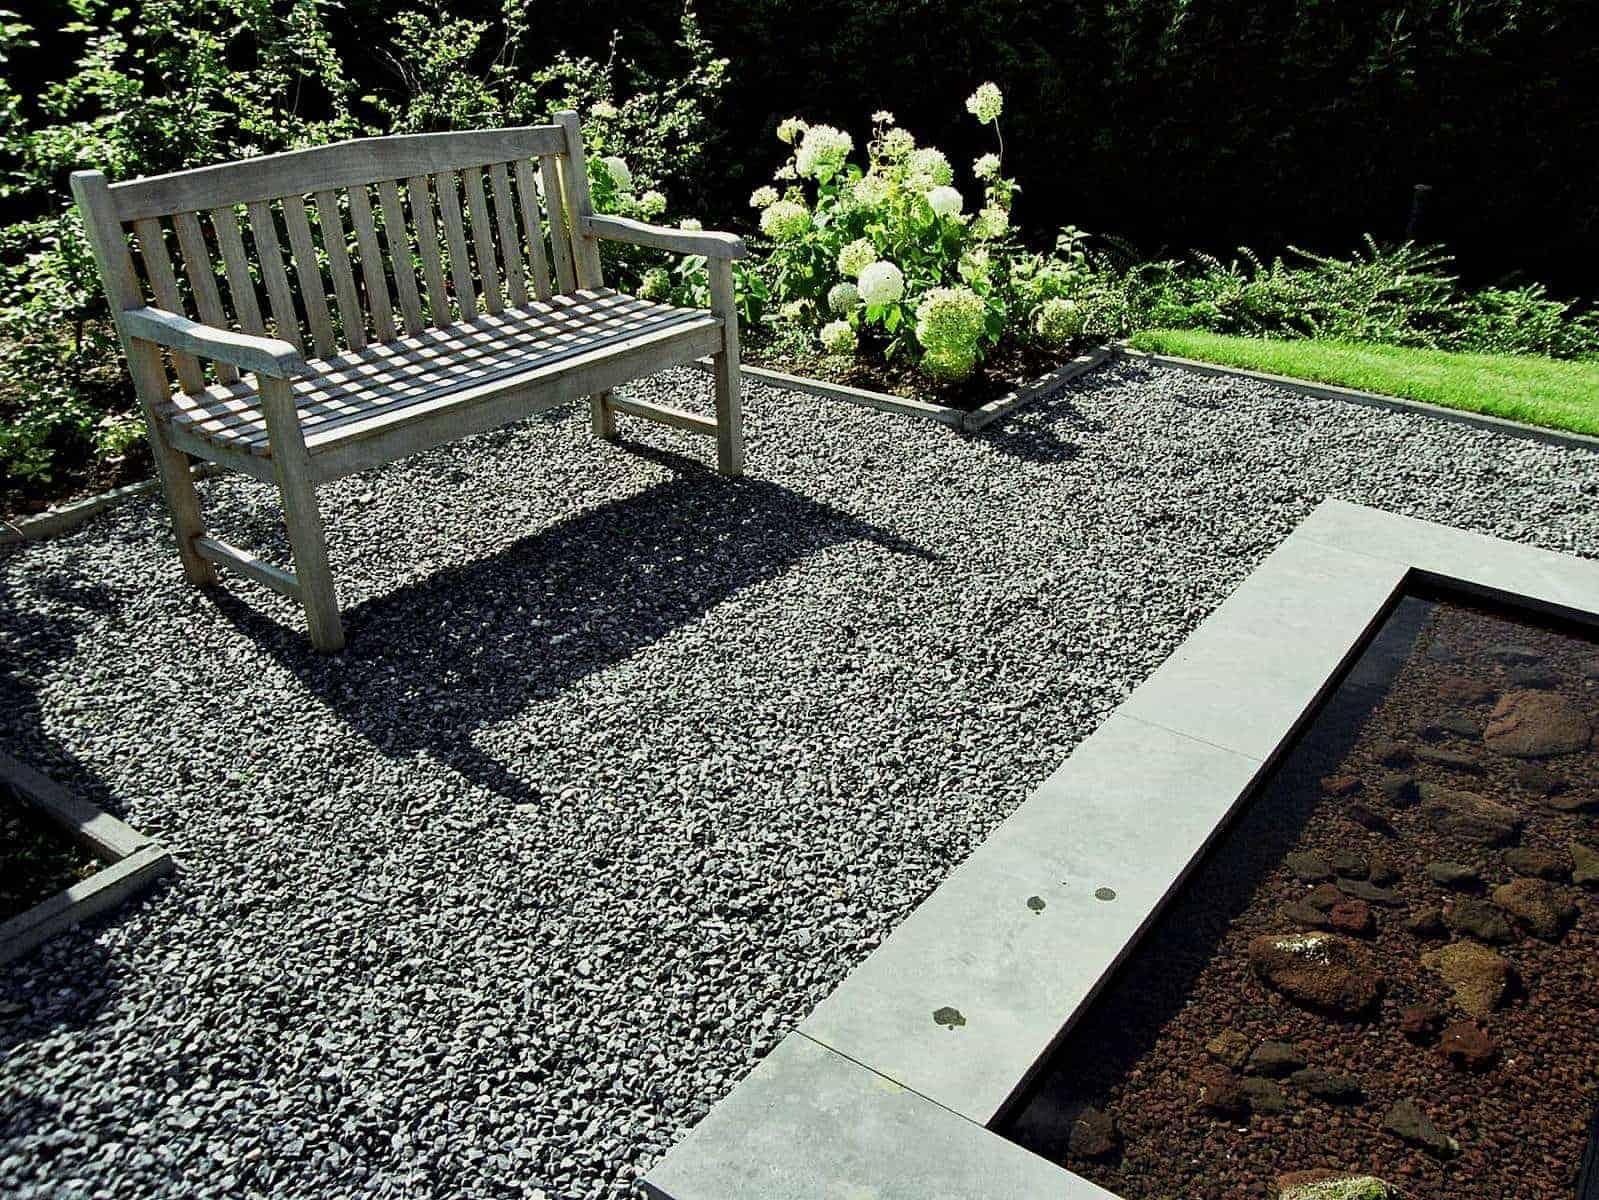 Kalksteinsplitt als Fläche für einen Sitzplatz